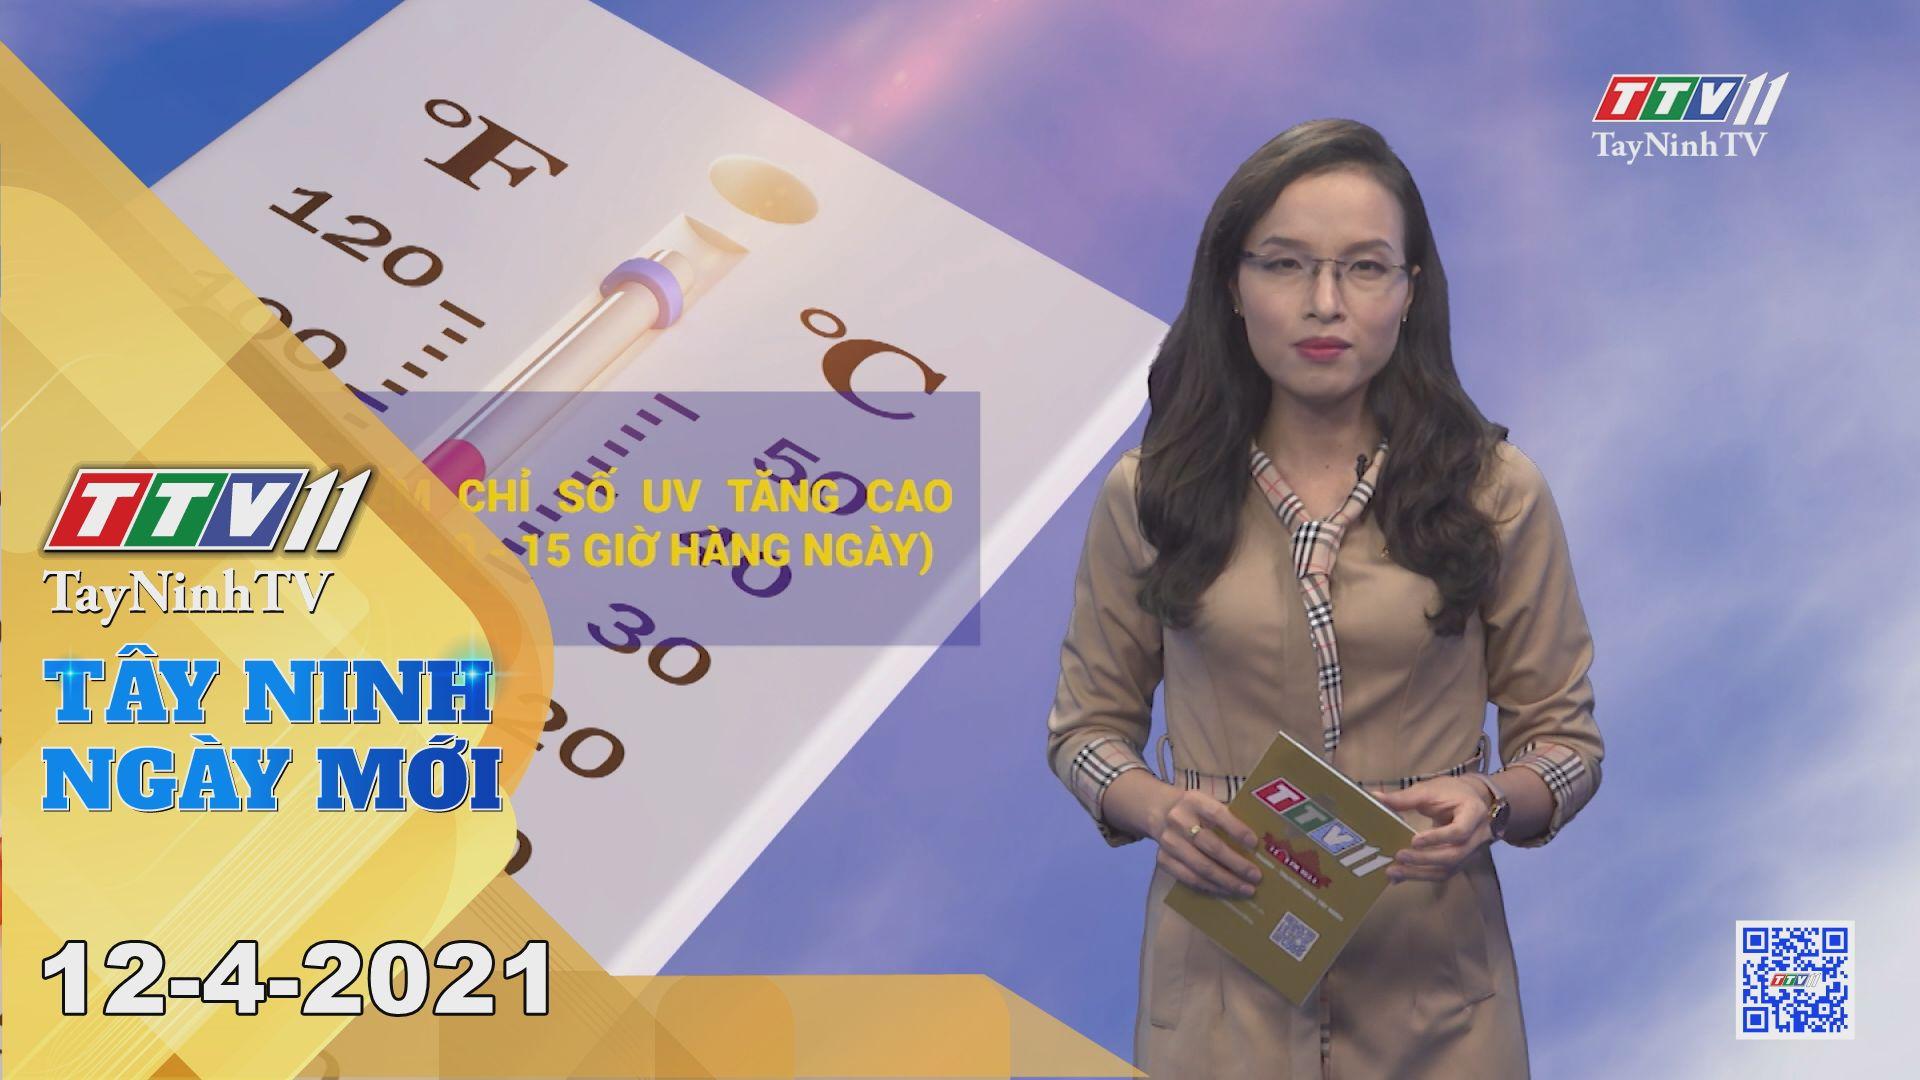 Tây Ninh Ngày Mới 12-4-2021 | Tin tức hôm nay | TayNinhTV